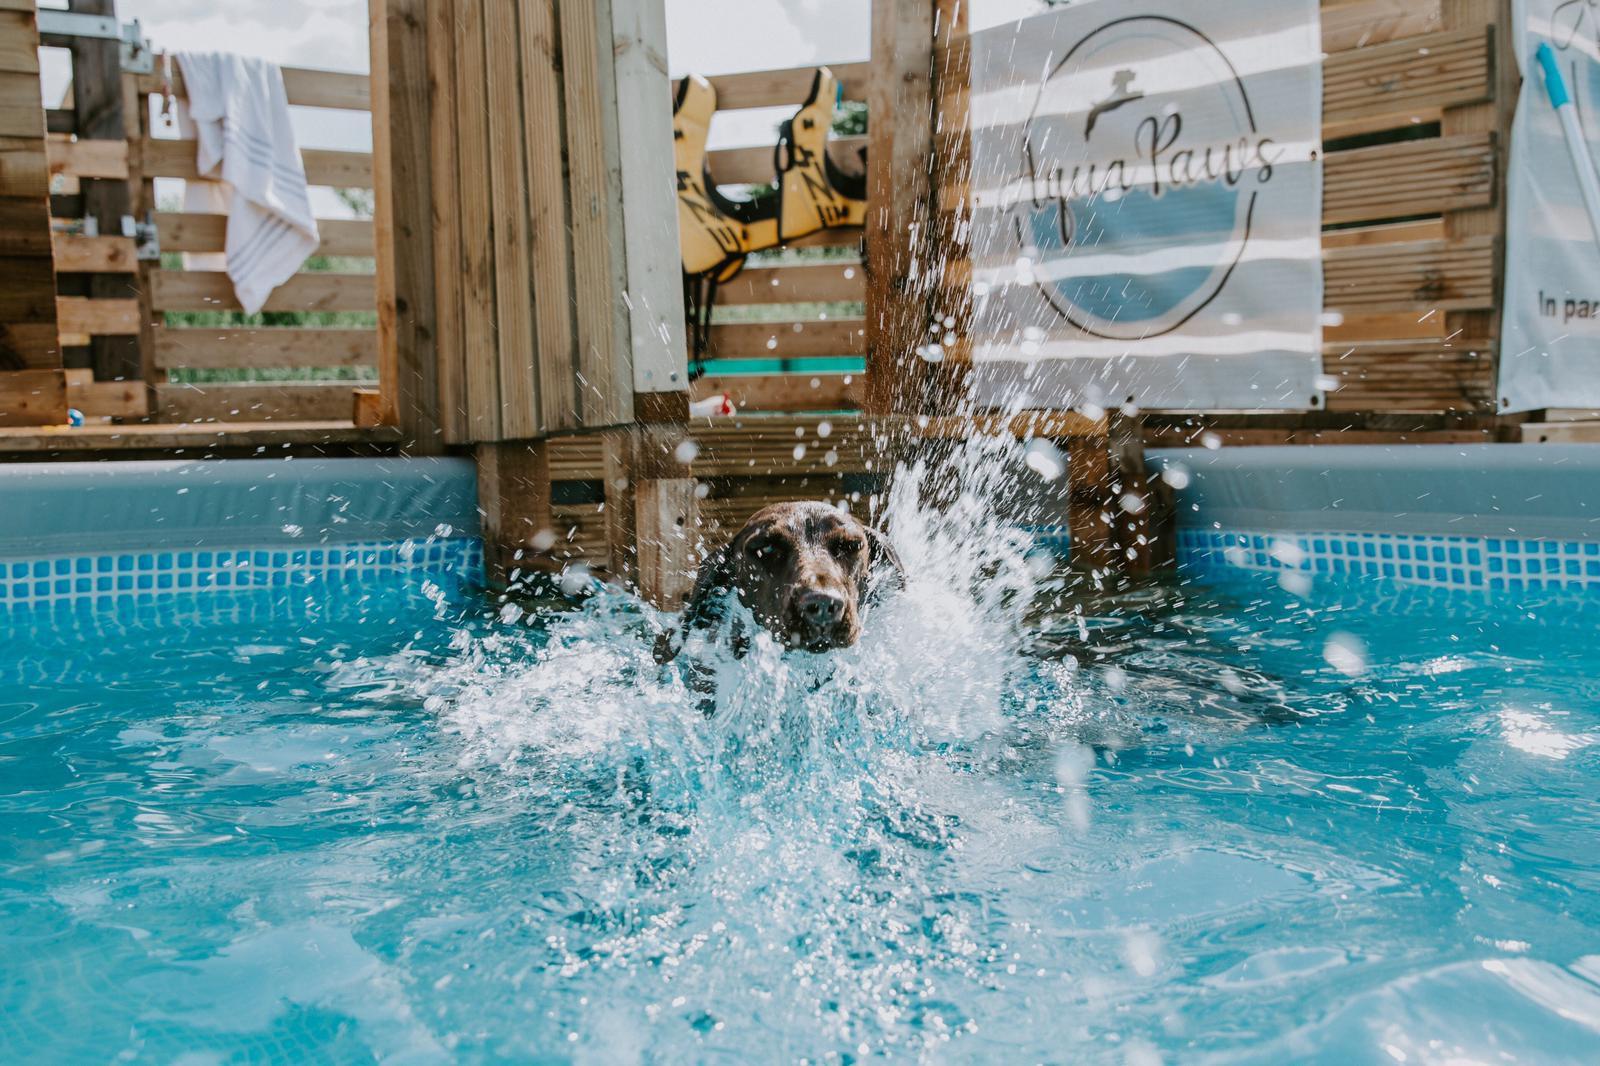 AquaPaws (1 Dog) Private Lesson (30min)